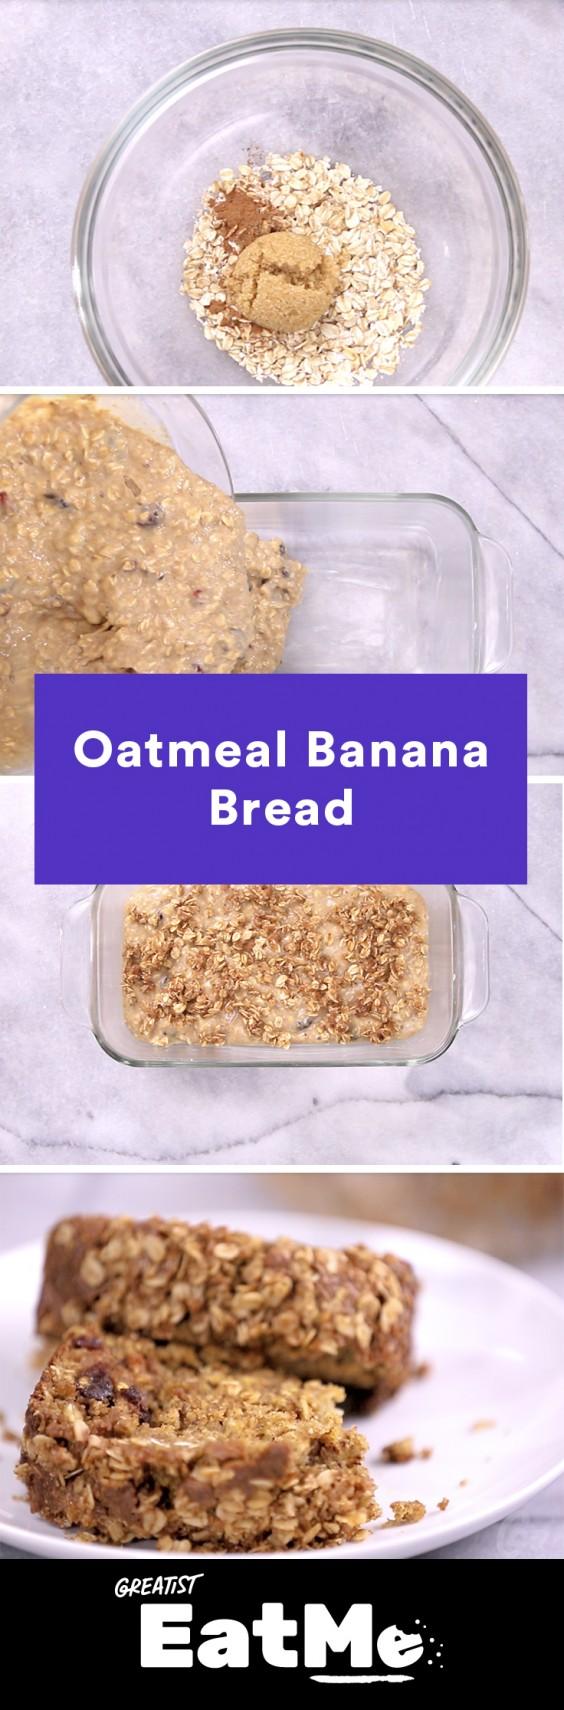 Eat Me Video: Oatmeal Banana Bread